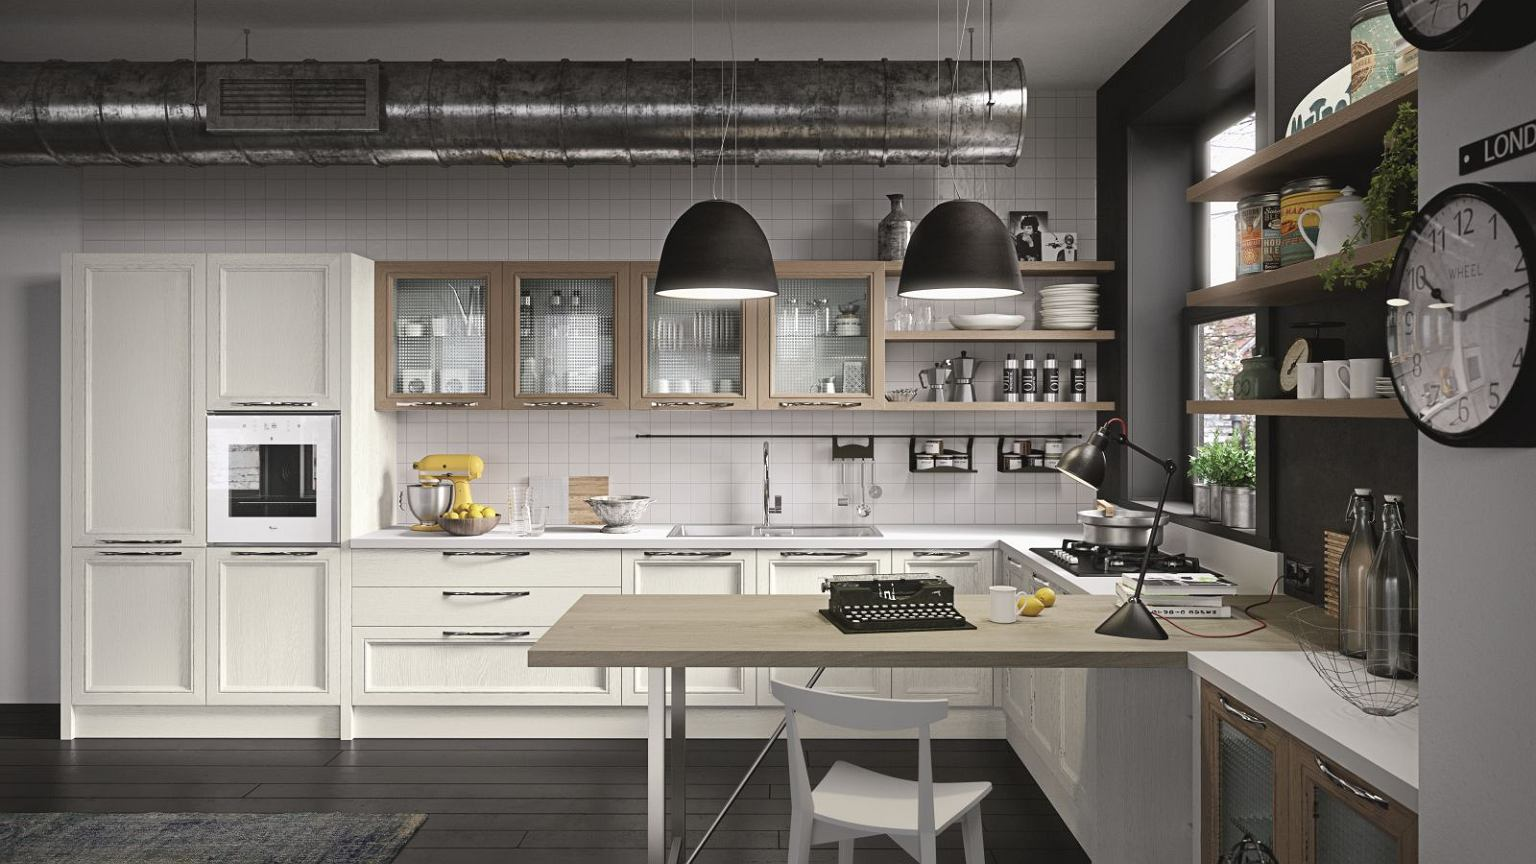 Jak dobrze zaprojektowa i urz dzi kuchni - Aran cucine forum ...